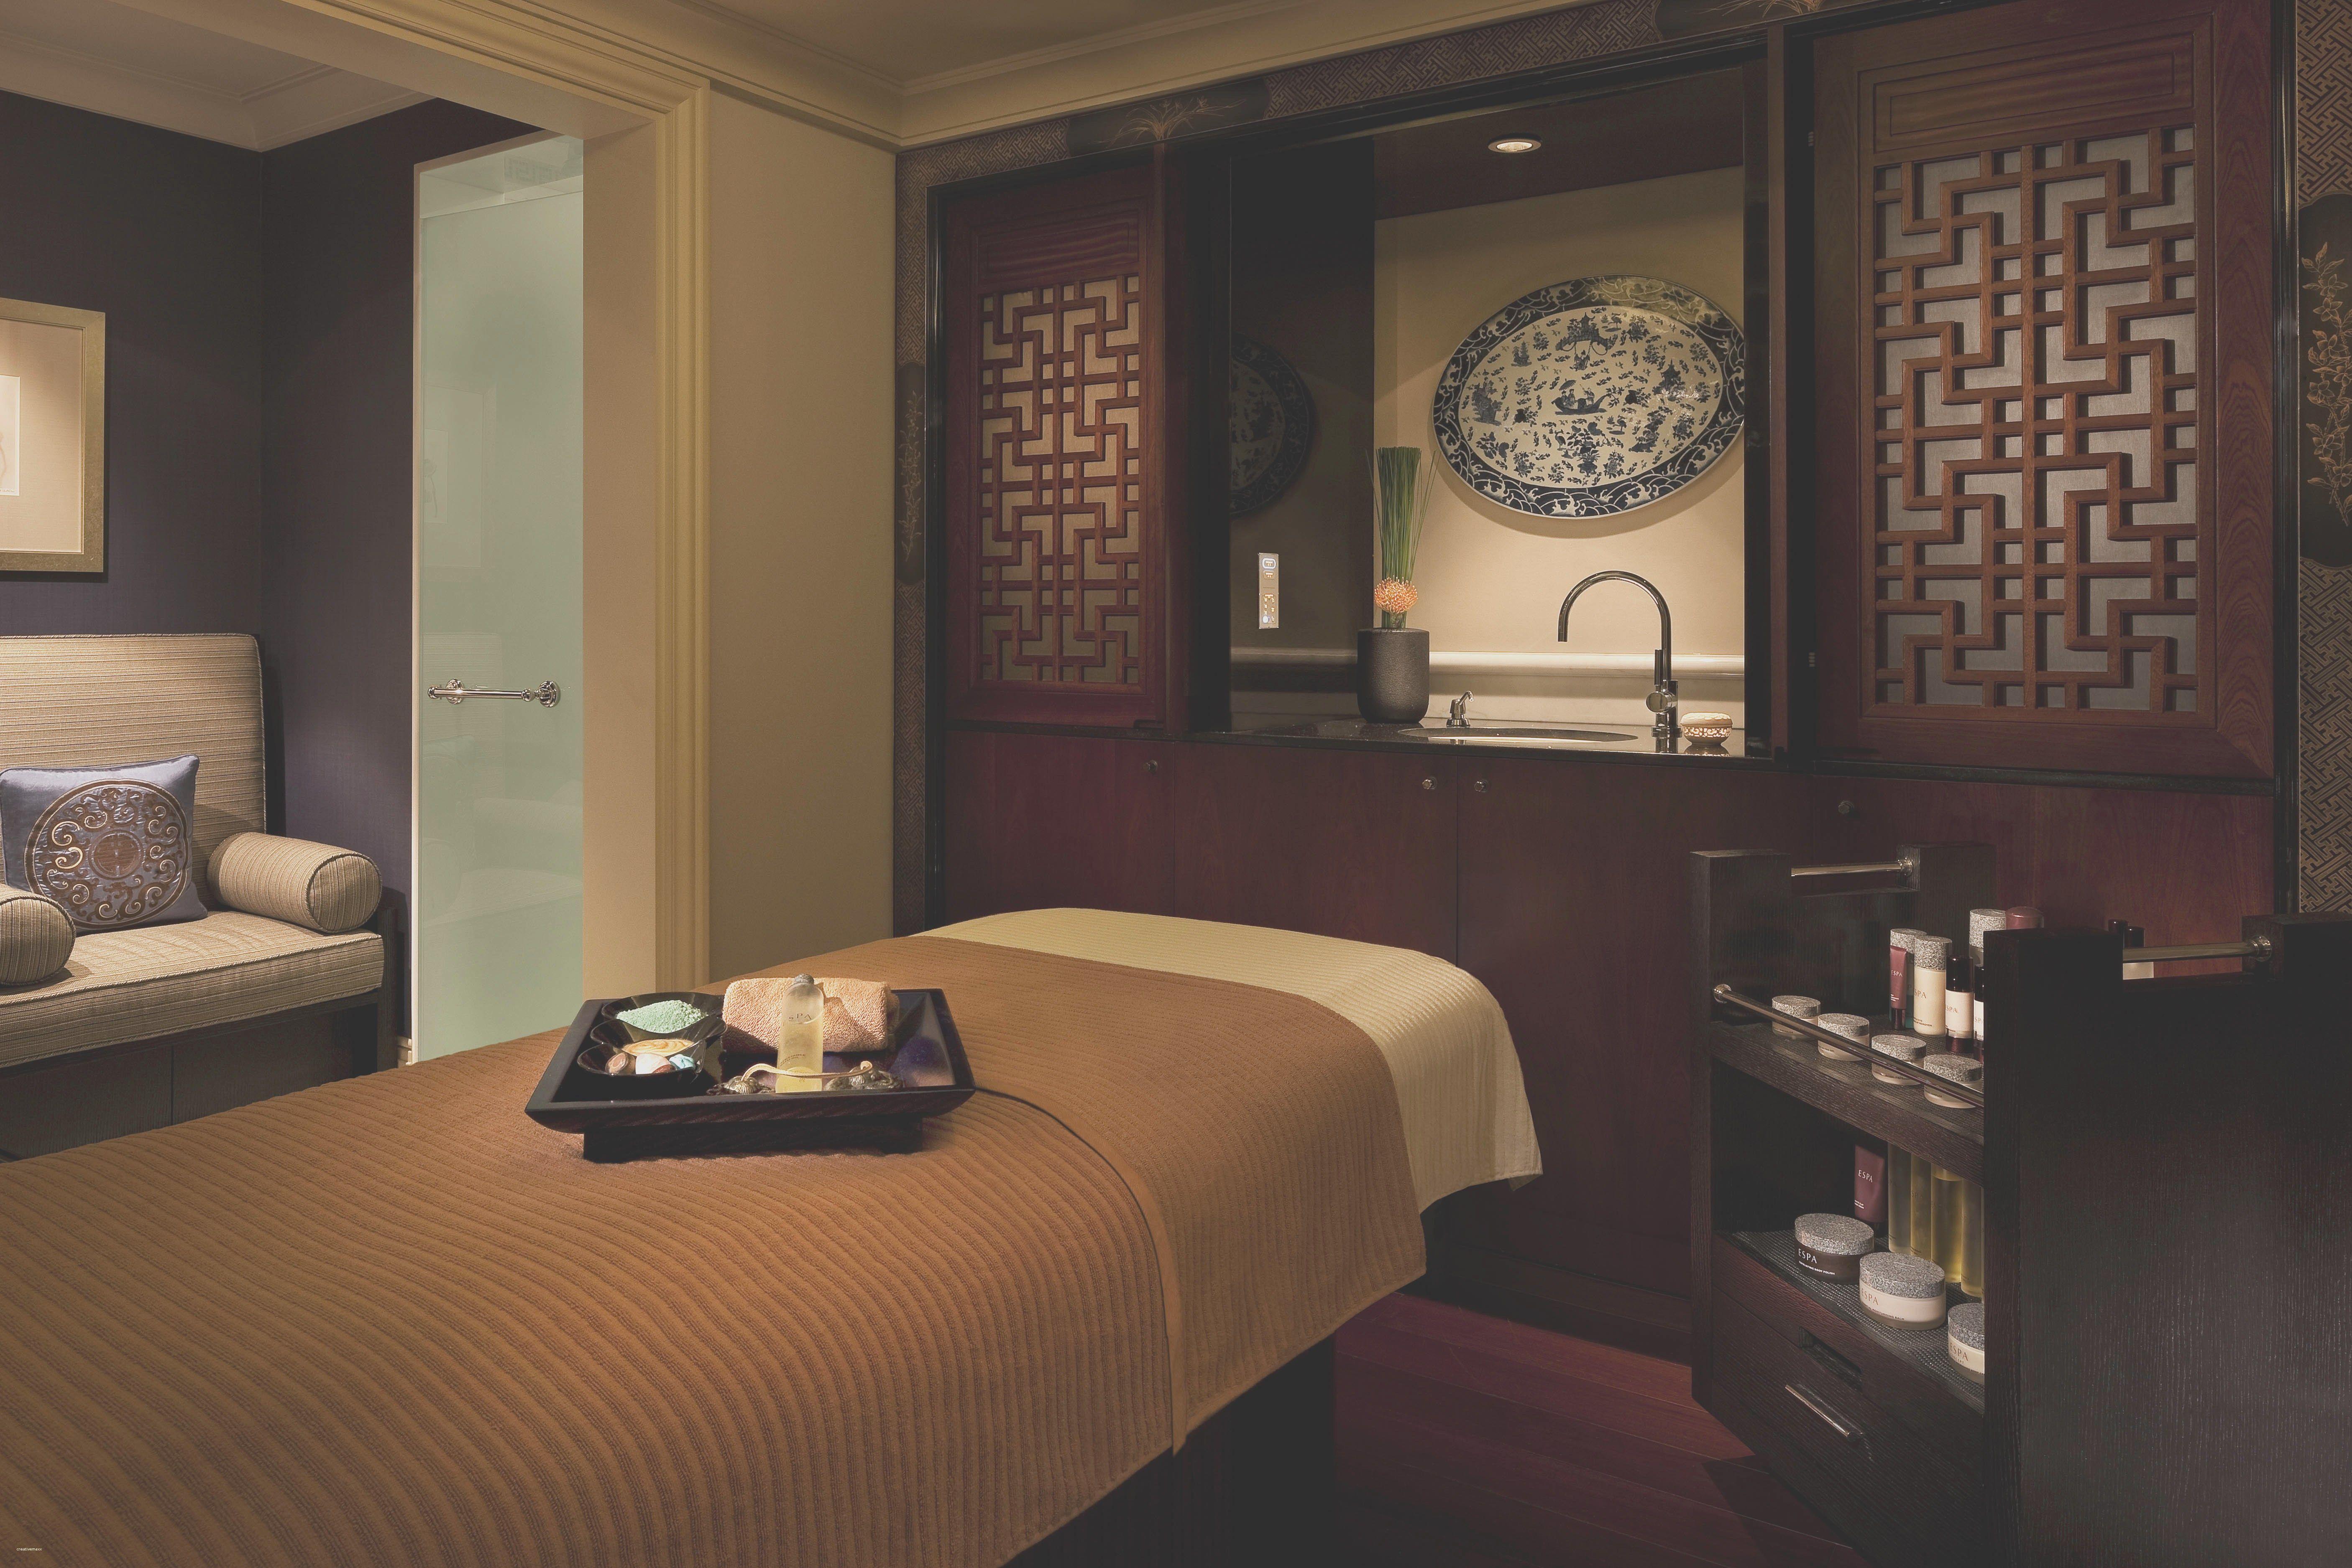 Luxury Spa Decor Ideas Estheticians With 25 Photos Home Decor